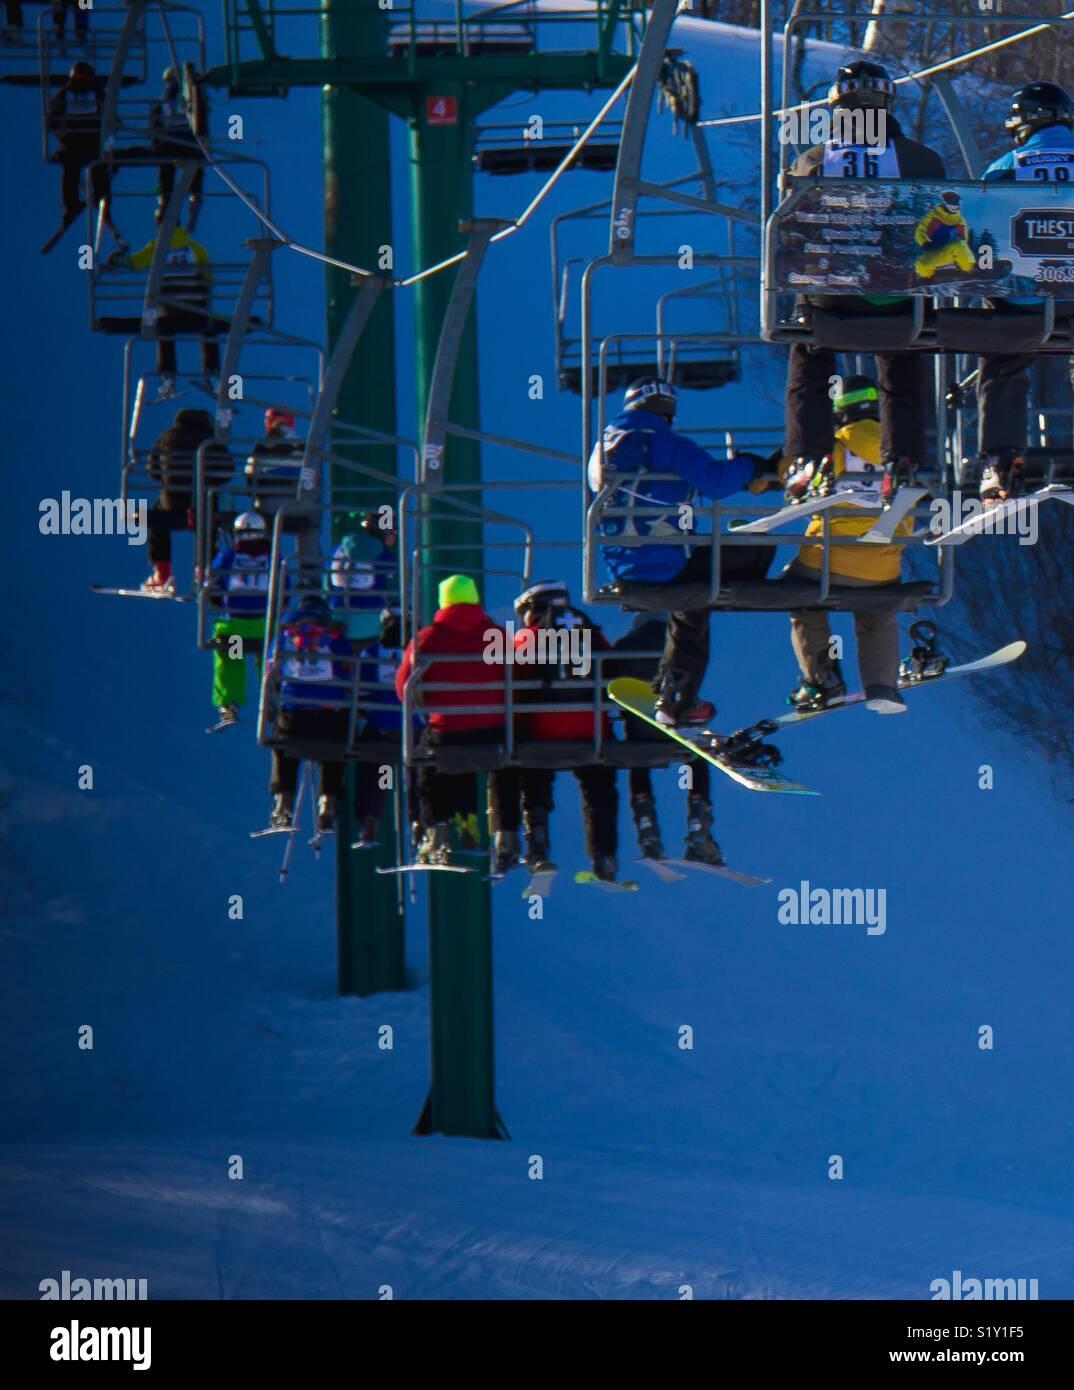 Elevación de la silla de esquí Foto de stock